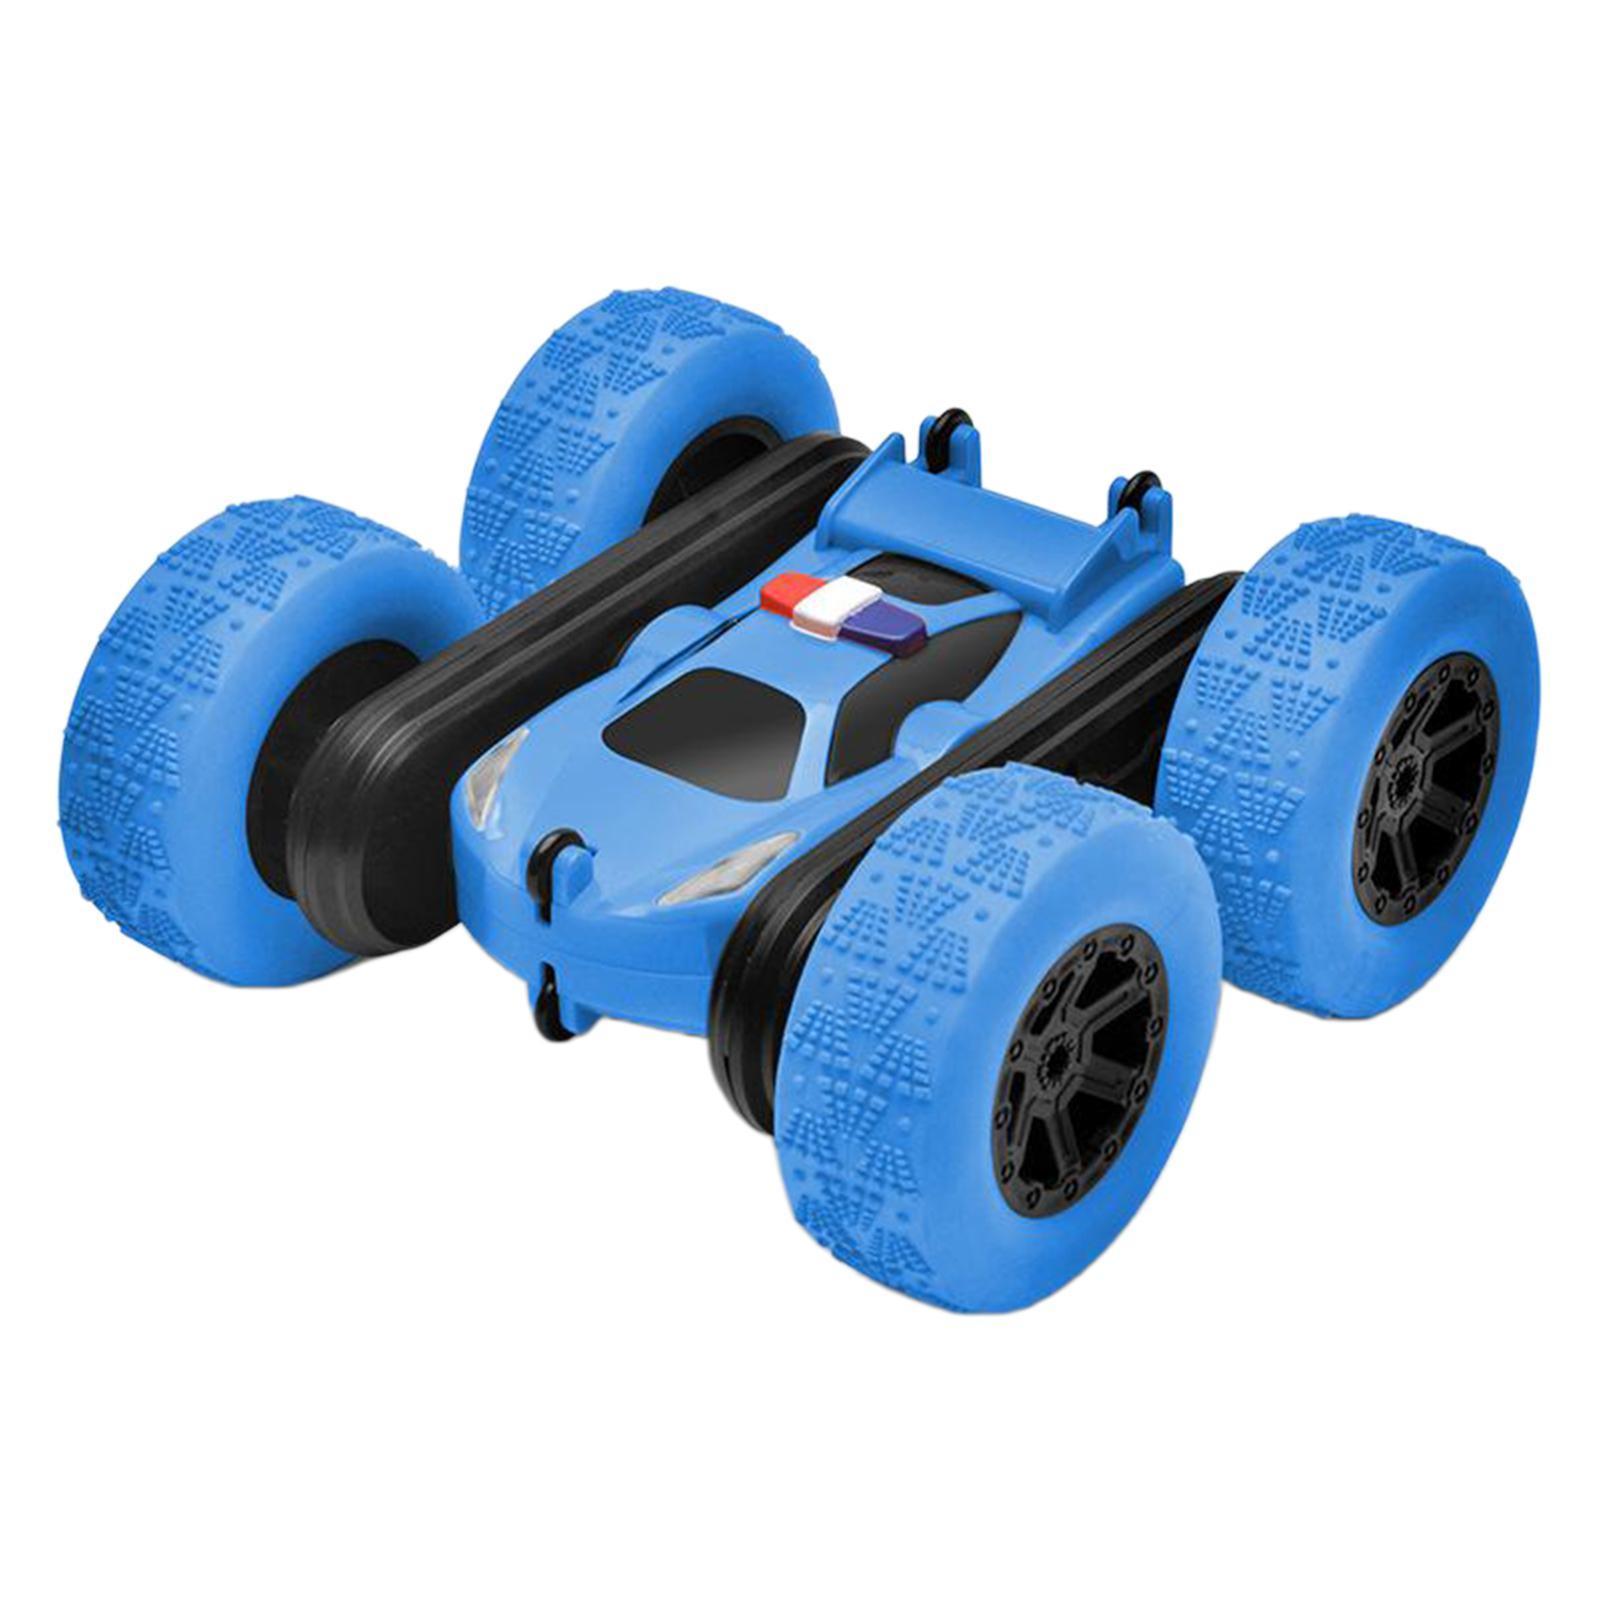 miniatura 48 - Telecomando Auto Stunt Car Giocattolo Per Bambini 2.4GHz di Controllo Remoto